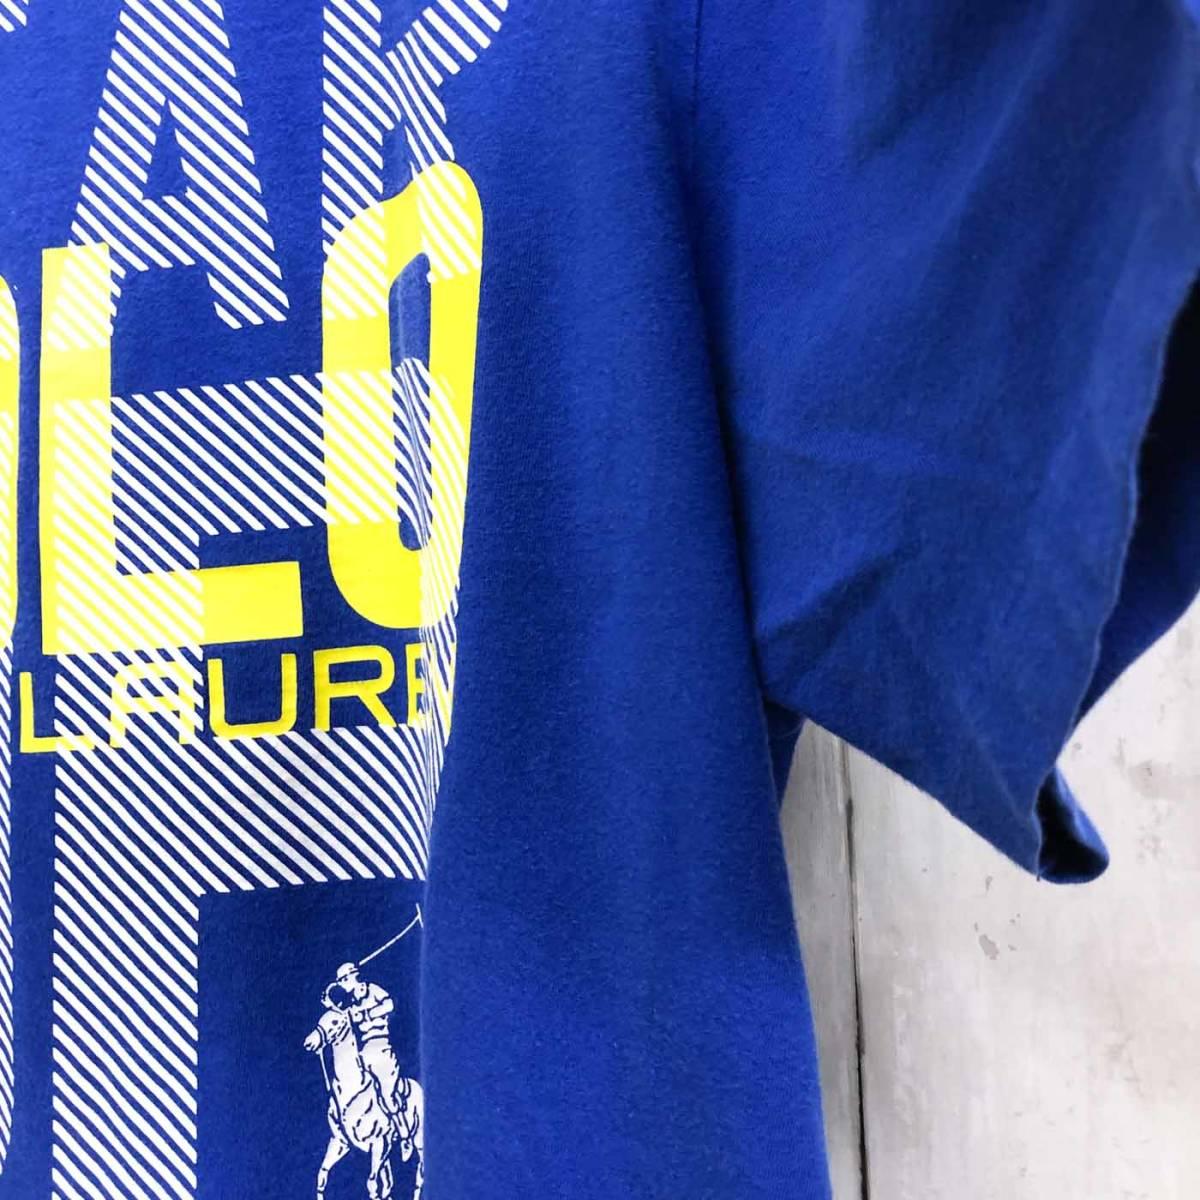 ラルフローレン POLO Ralph Lauren Polo 半袖Tシャツ メンズ ワンポイント XLサイズ 9-87_画像7